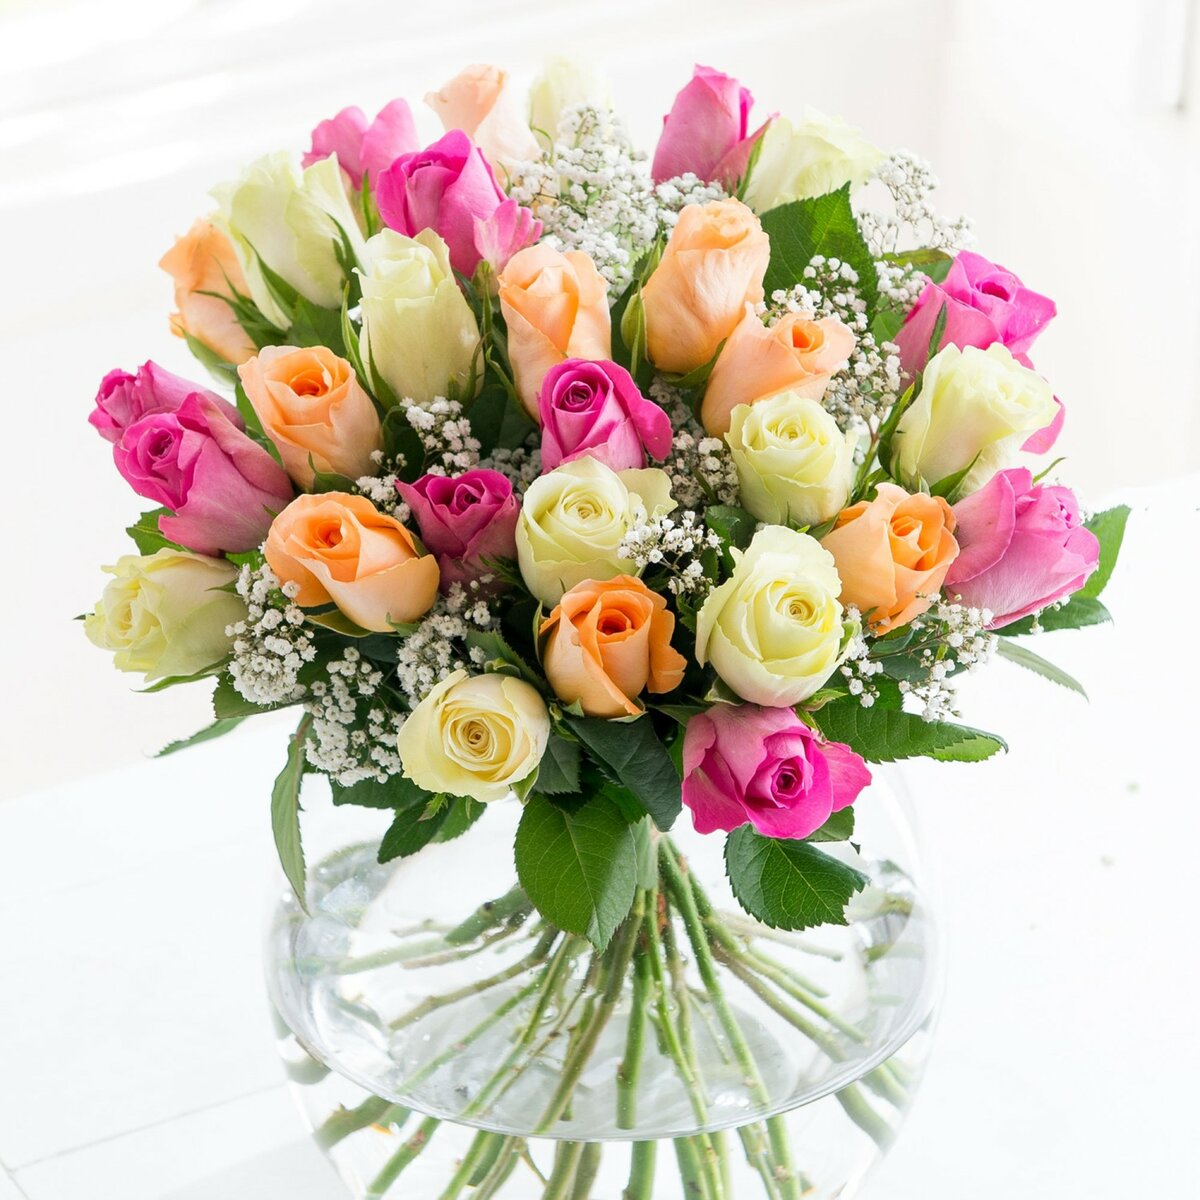 Розы разного цвета букеты фото, букет цветов